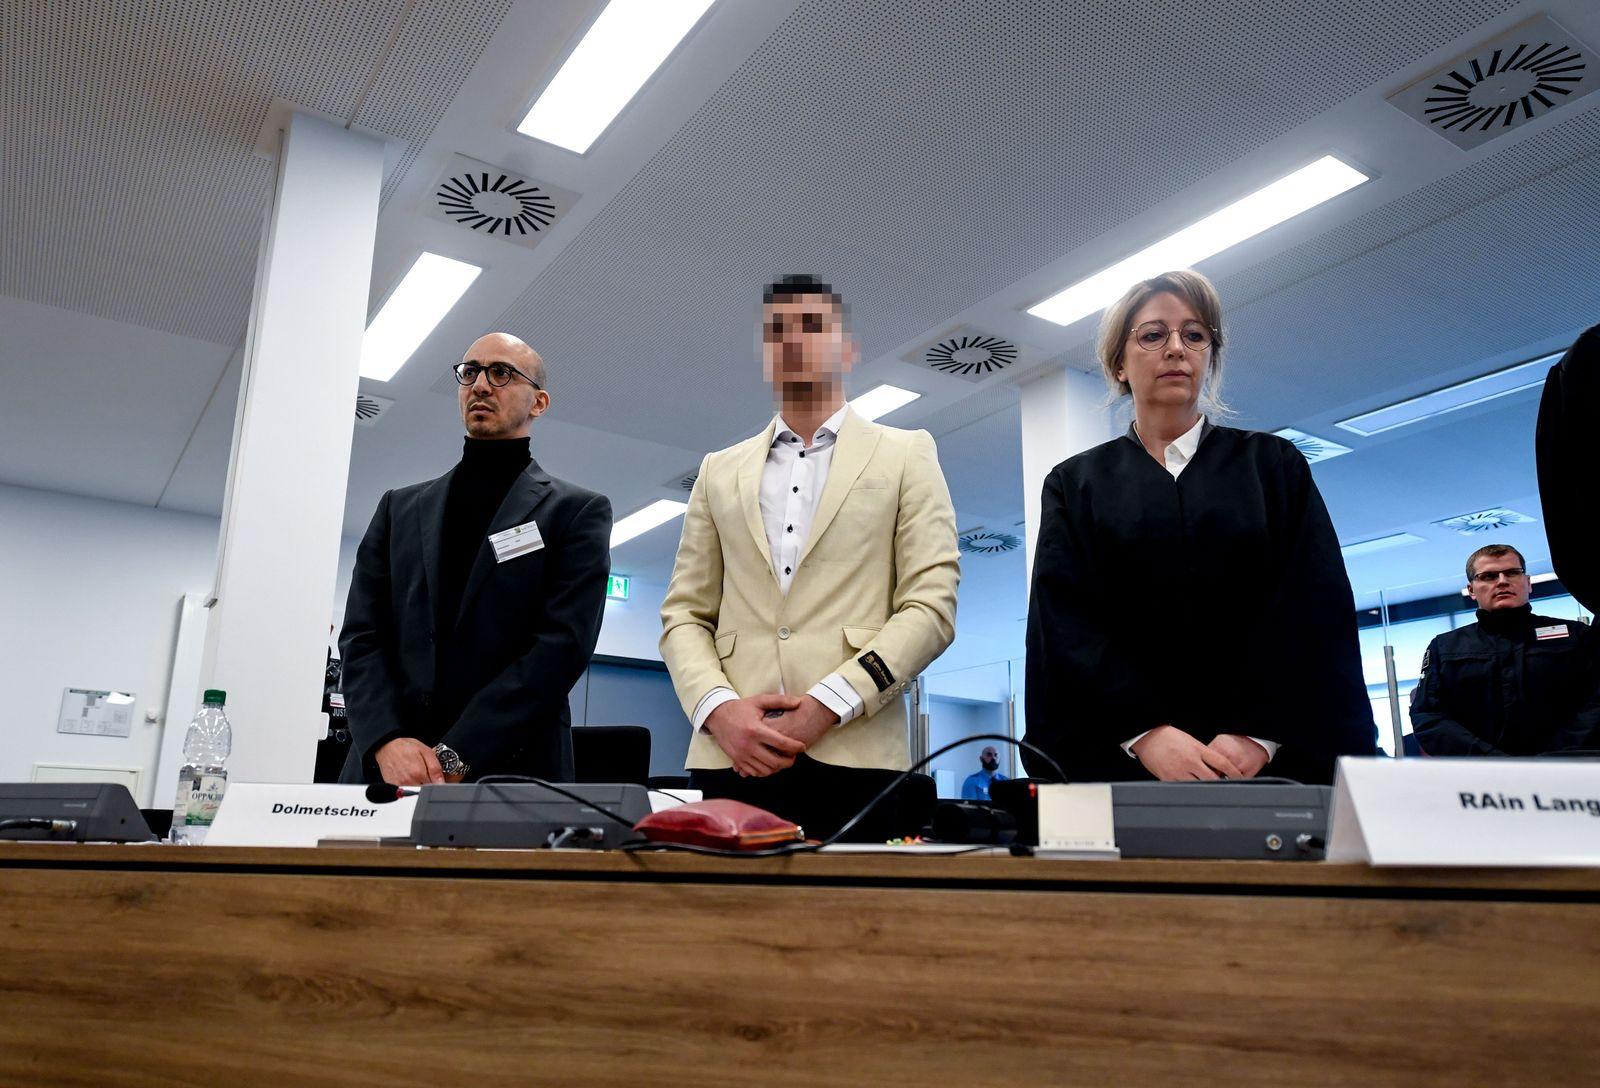 Chemnitz/ Gerichtsprozess